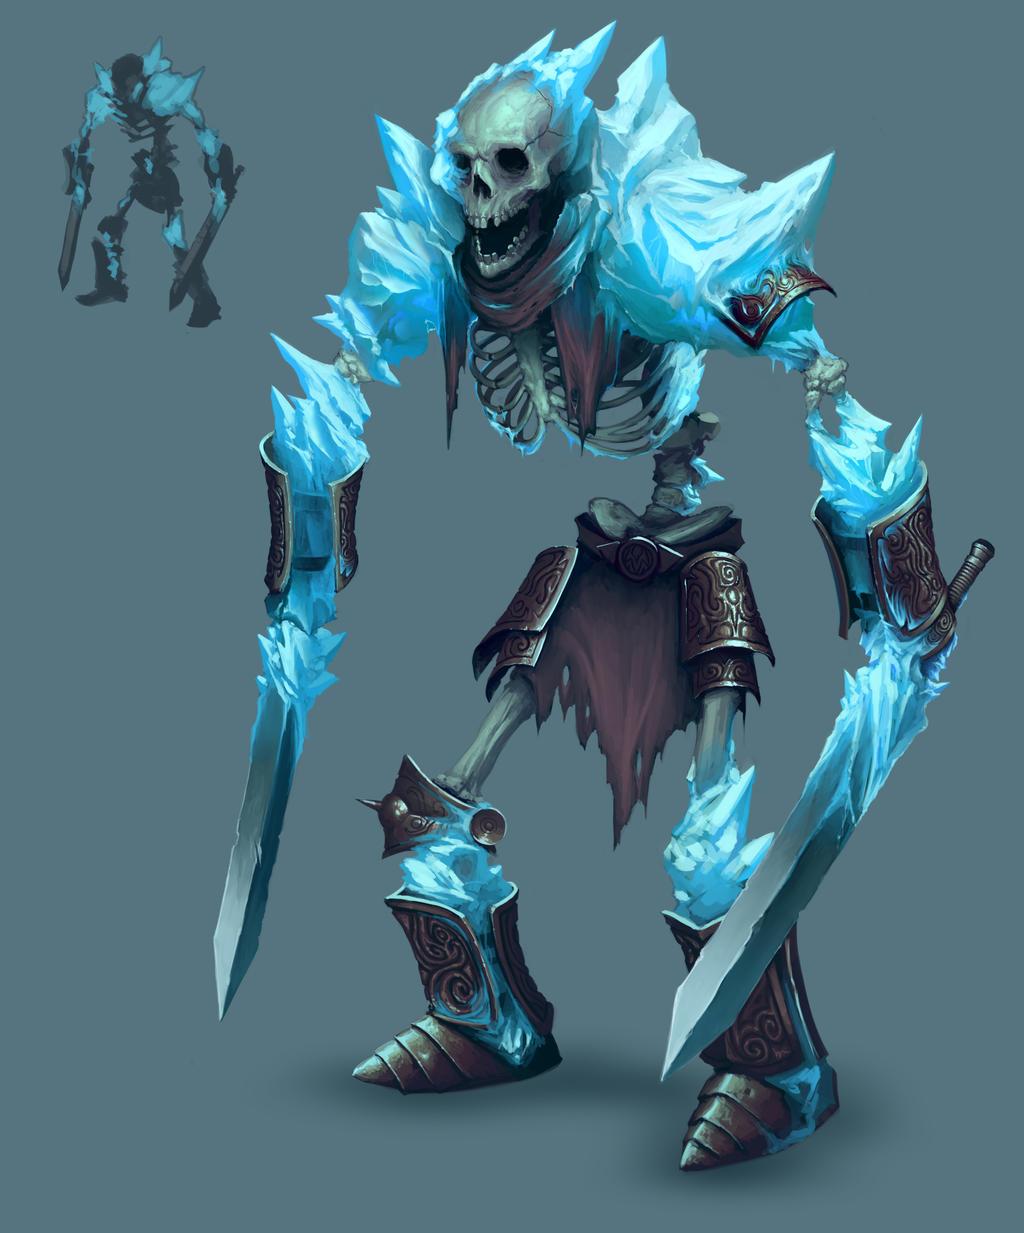 Frozen Maze - Ice Skeleton warrior